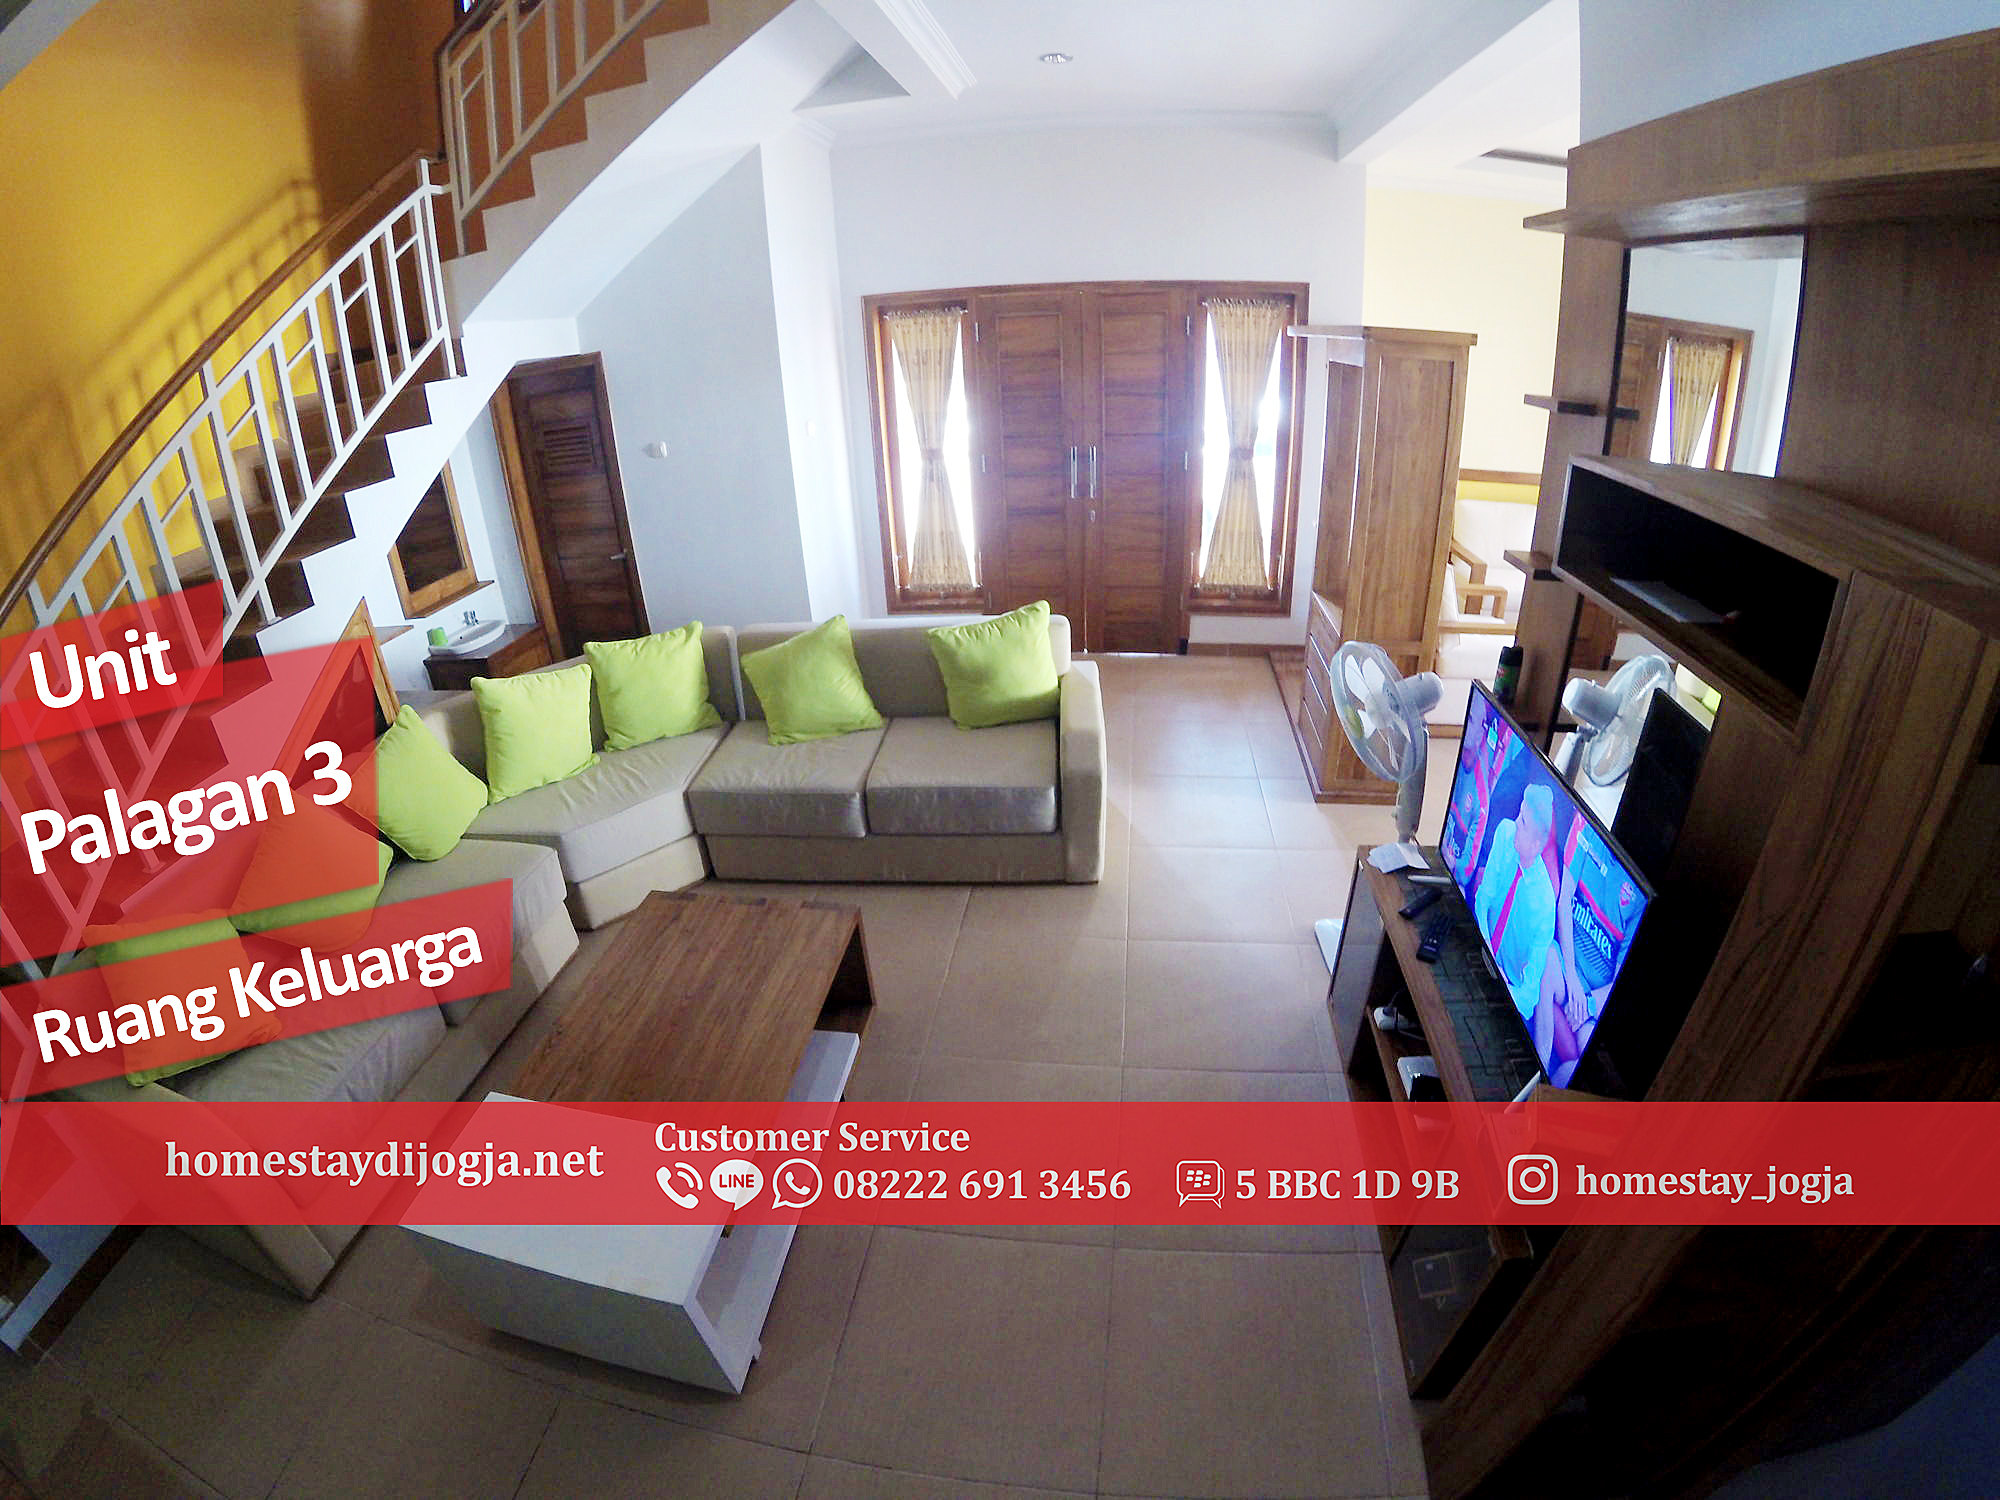 Homestay Premium 4 kamar AC di Palagan km 10 menuju malioboro 30 menit